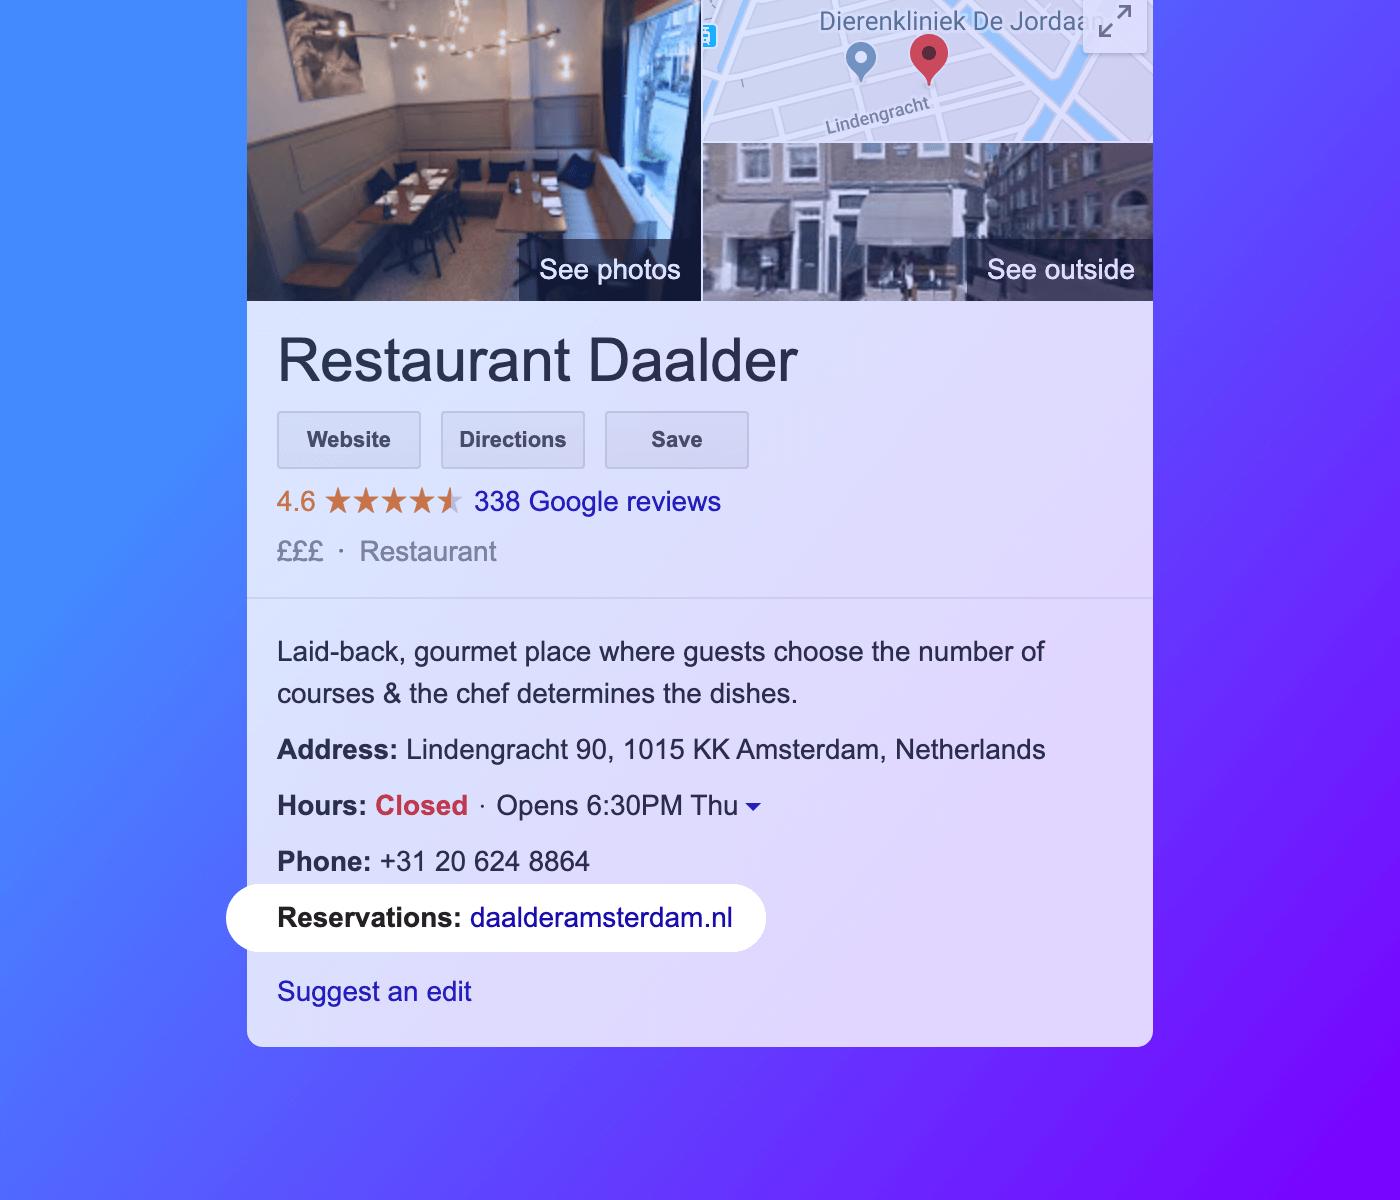 Adding a reservation link on Google